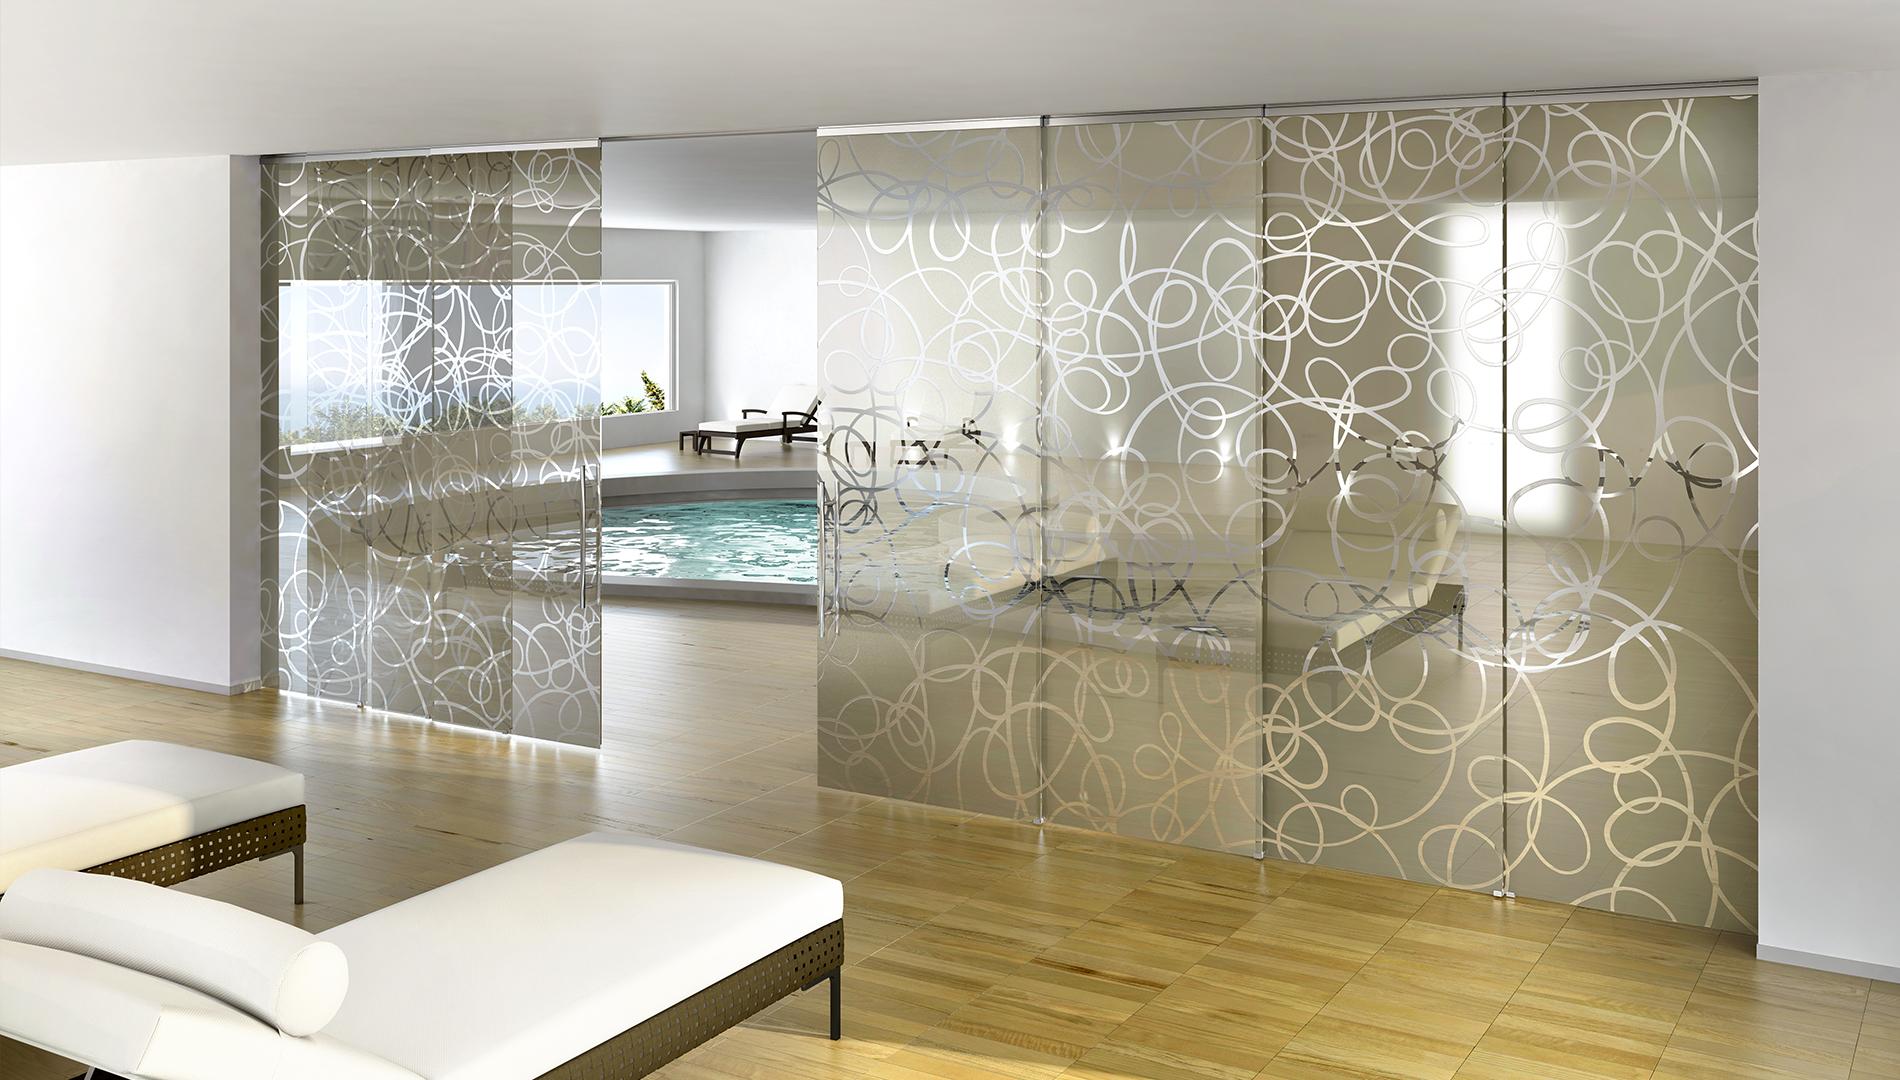 Casali soluzioni scorrevoli vetro design arredamento cristal for Arredamento esterni design